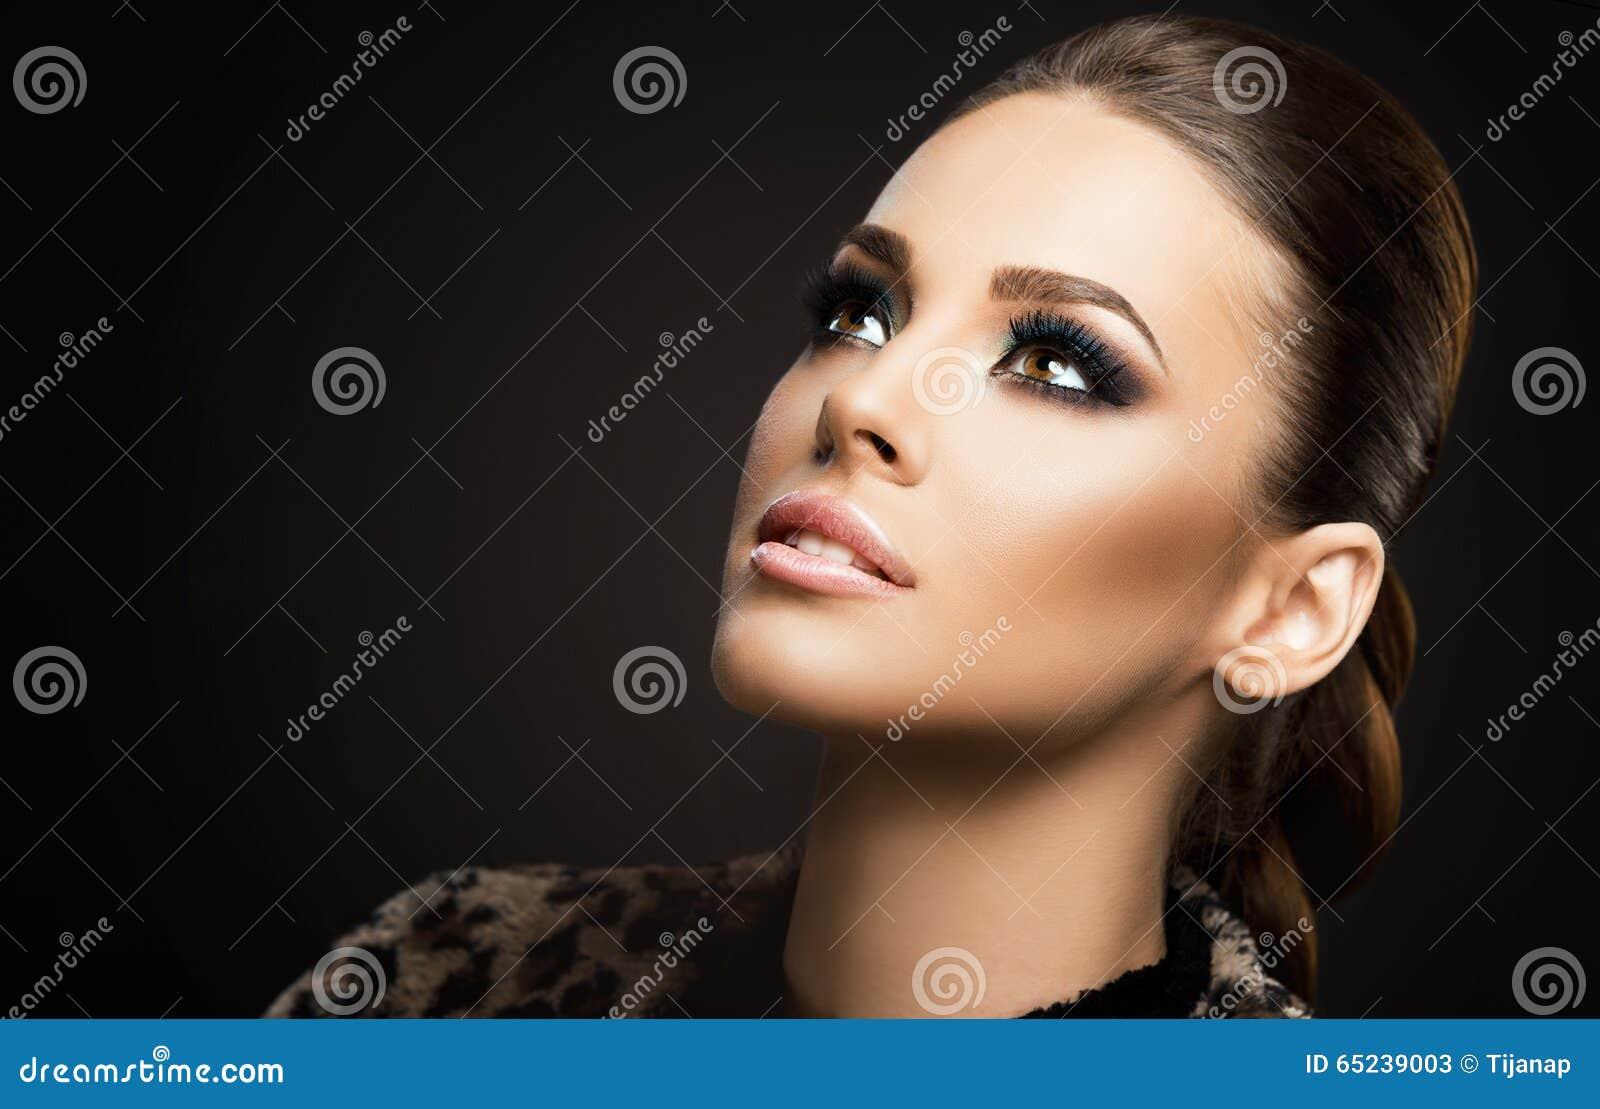 Vända mot närbilden av en härlig ung kvinna som isoleras på mörk bakgrund; göra perfekt hud, skönhetstående